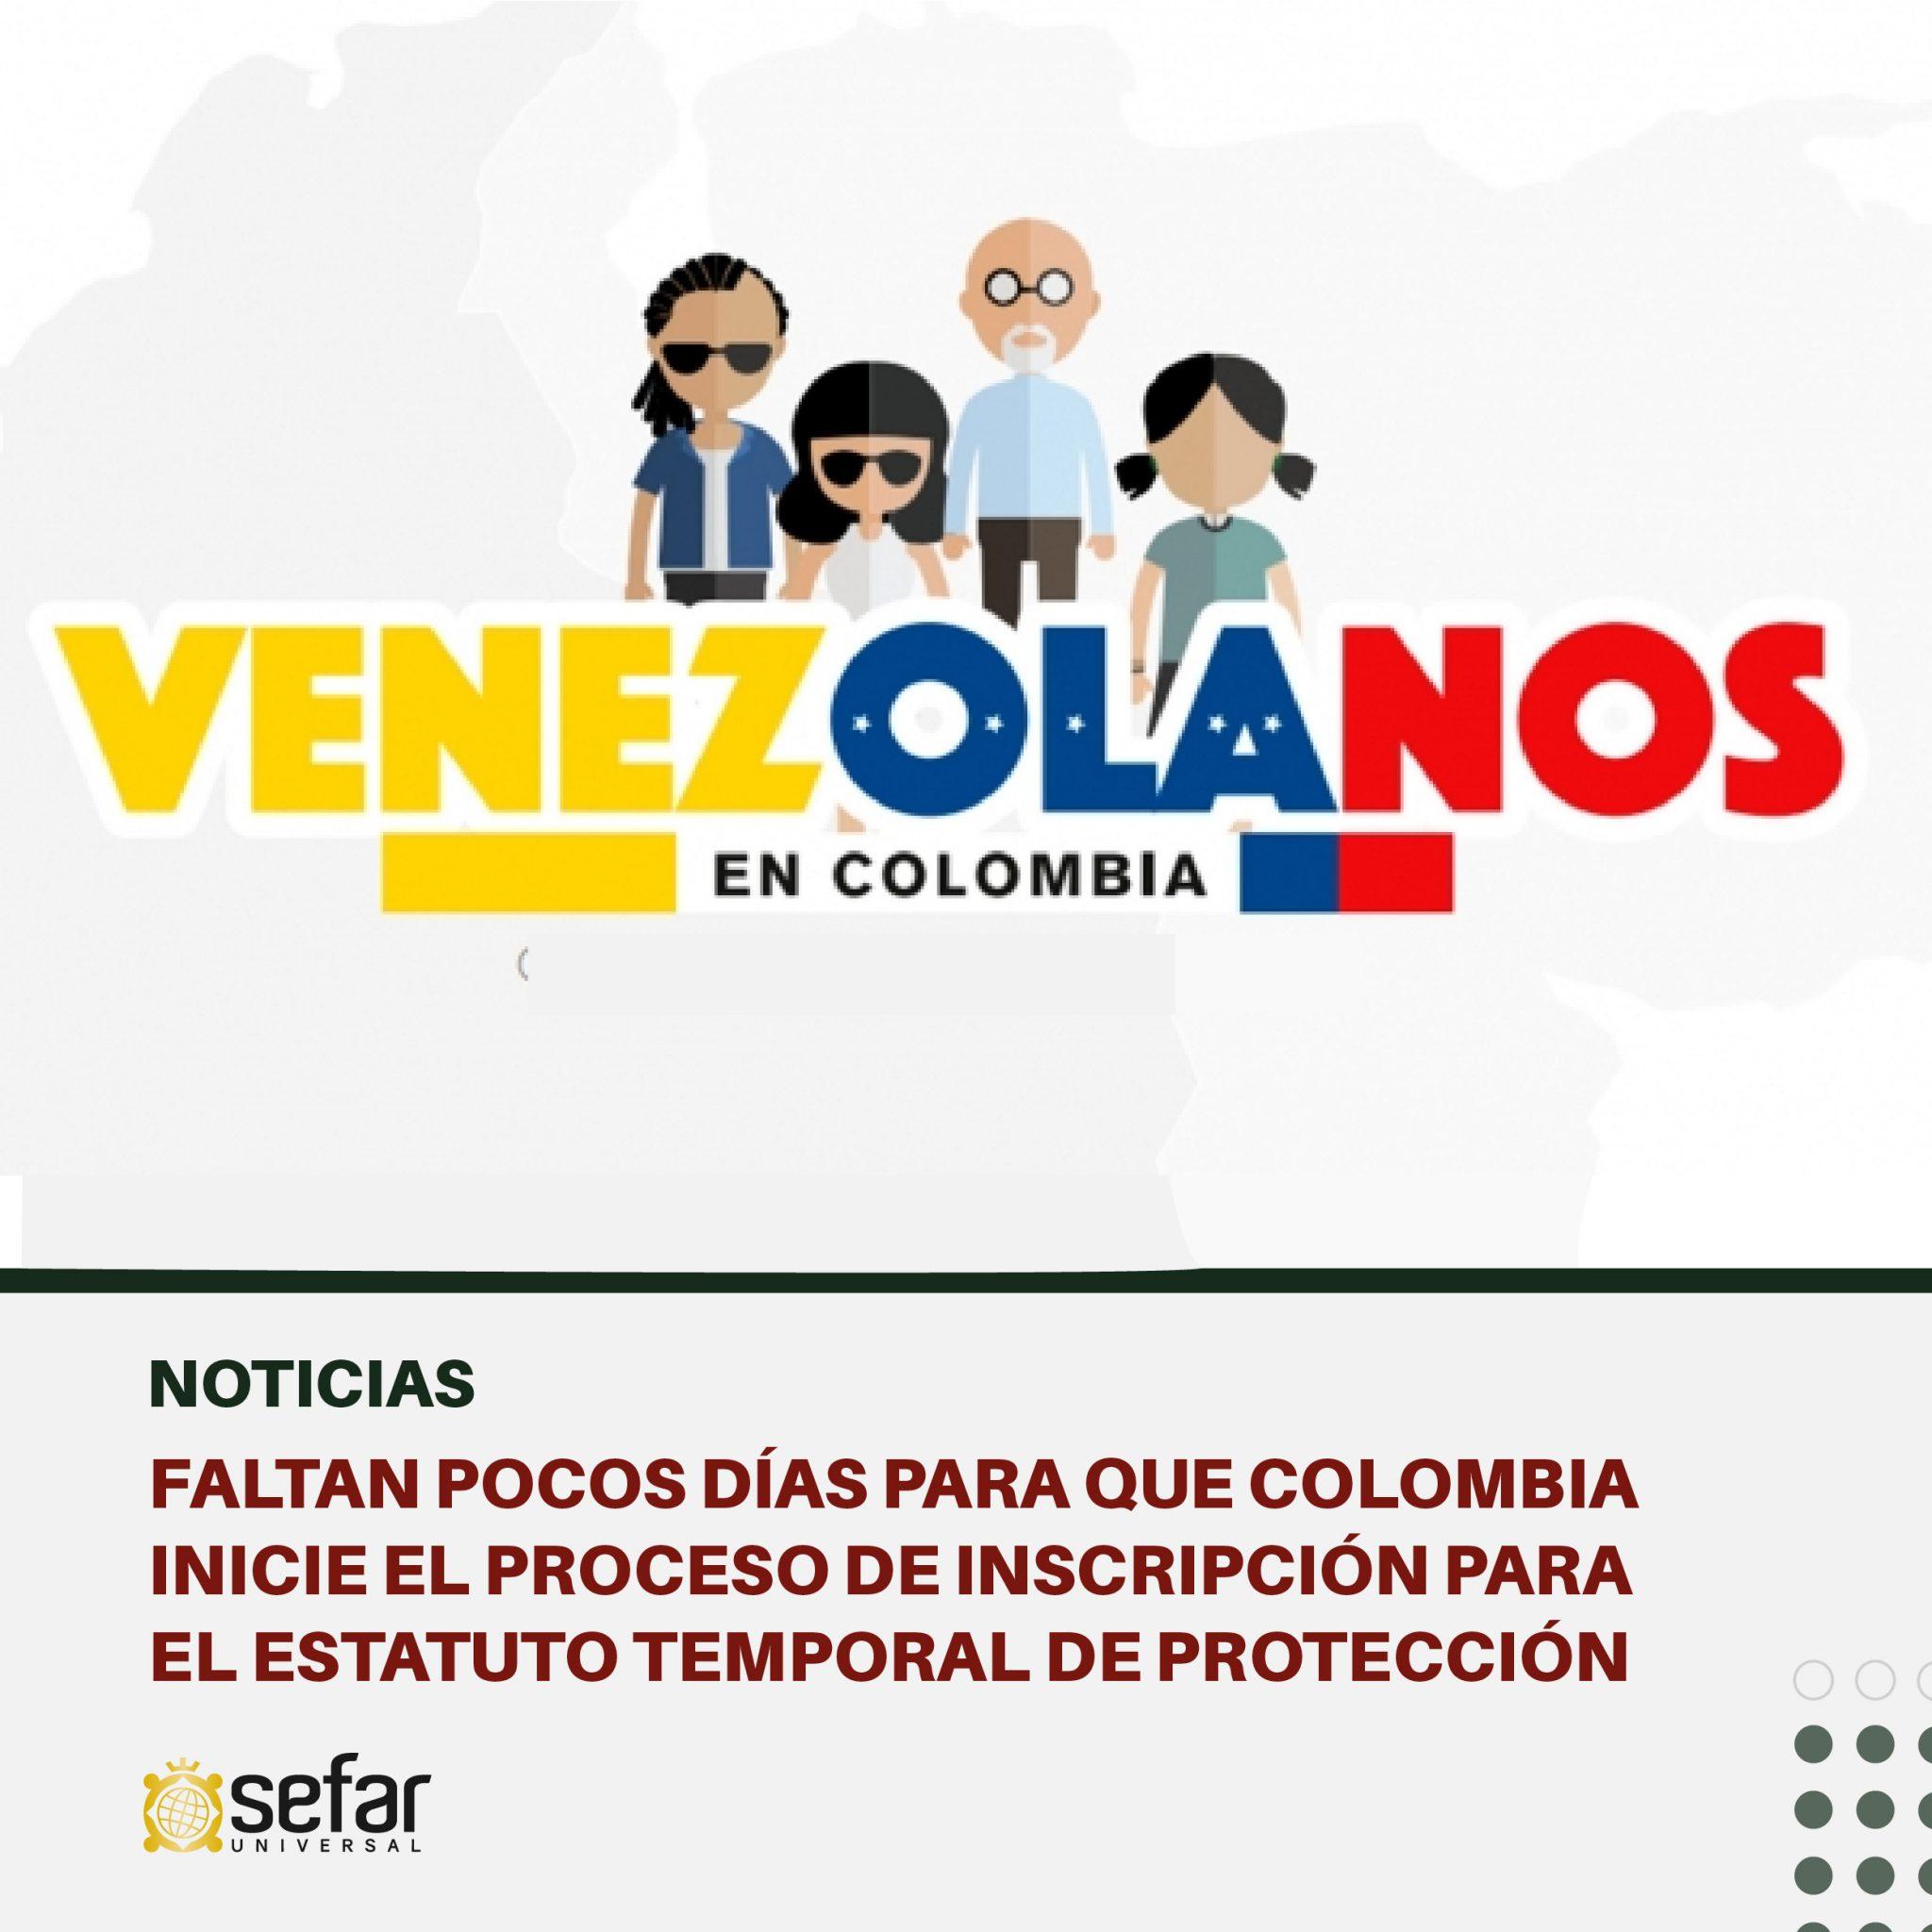 Faltan pocos días para que Colombia inicie el proceso de inscripción para el Estatuto Temporal de Protección que beneficiará a alrededor de 1,7 millones de venezolanos en ese país.